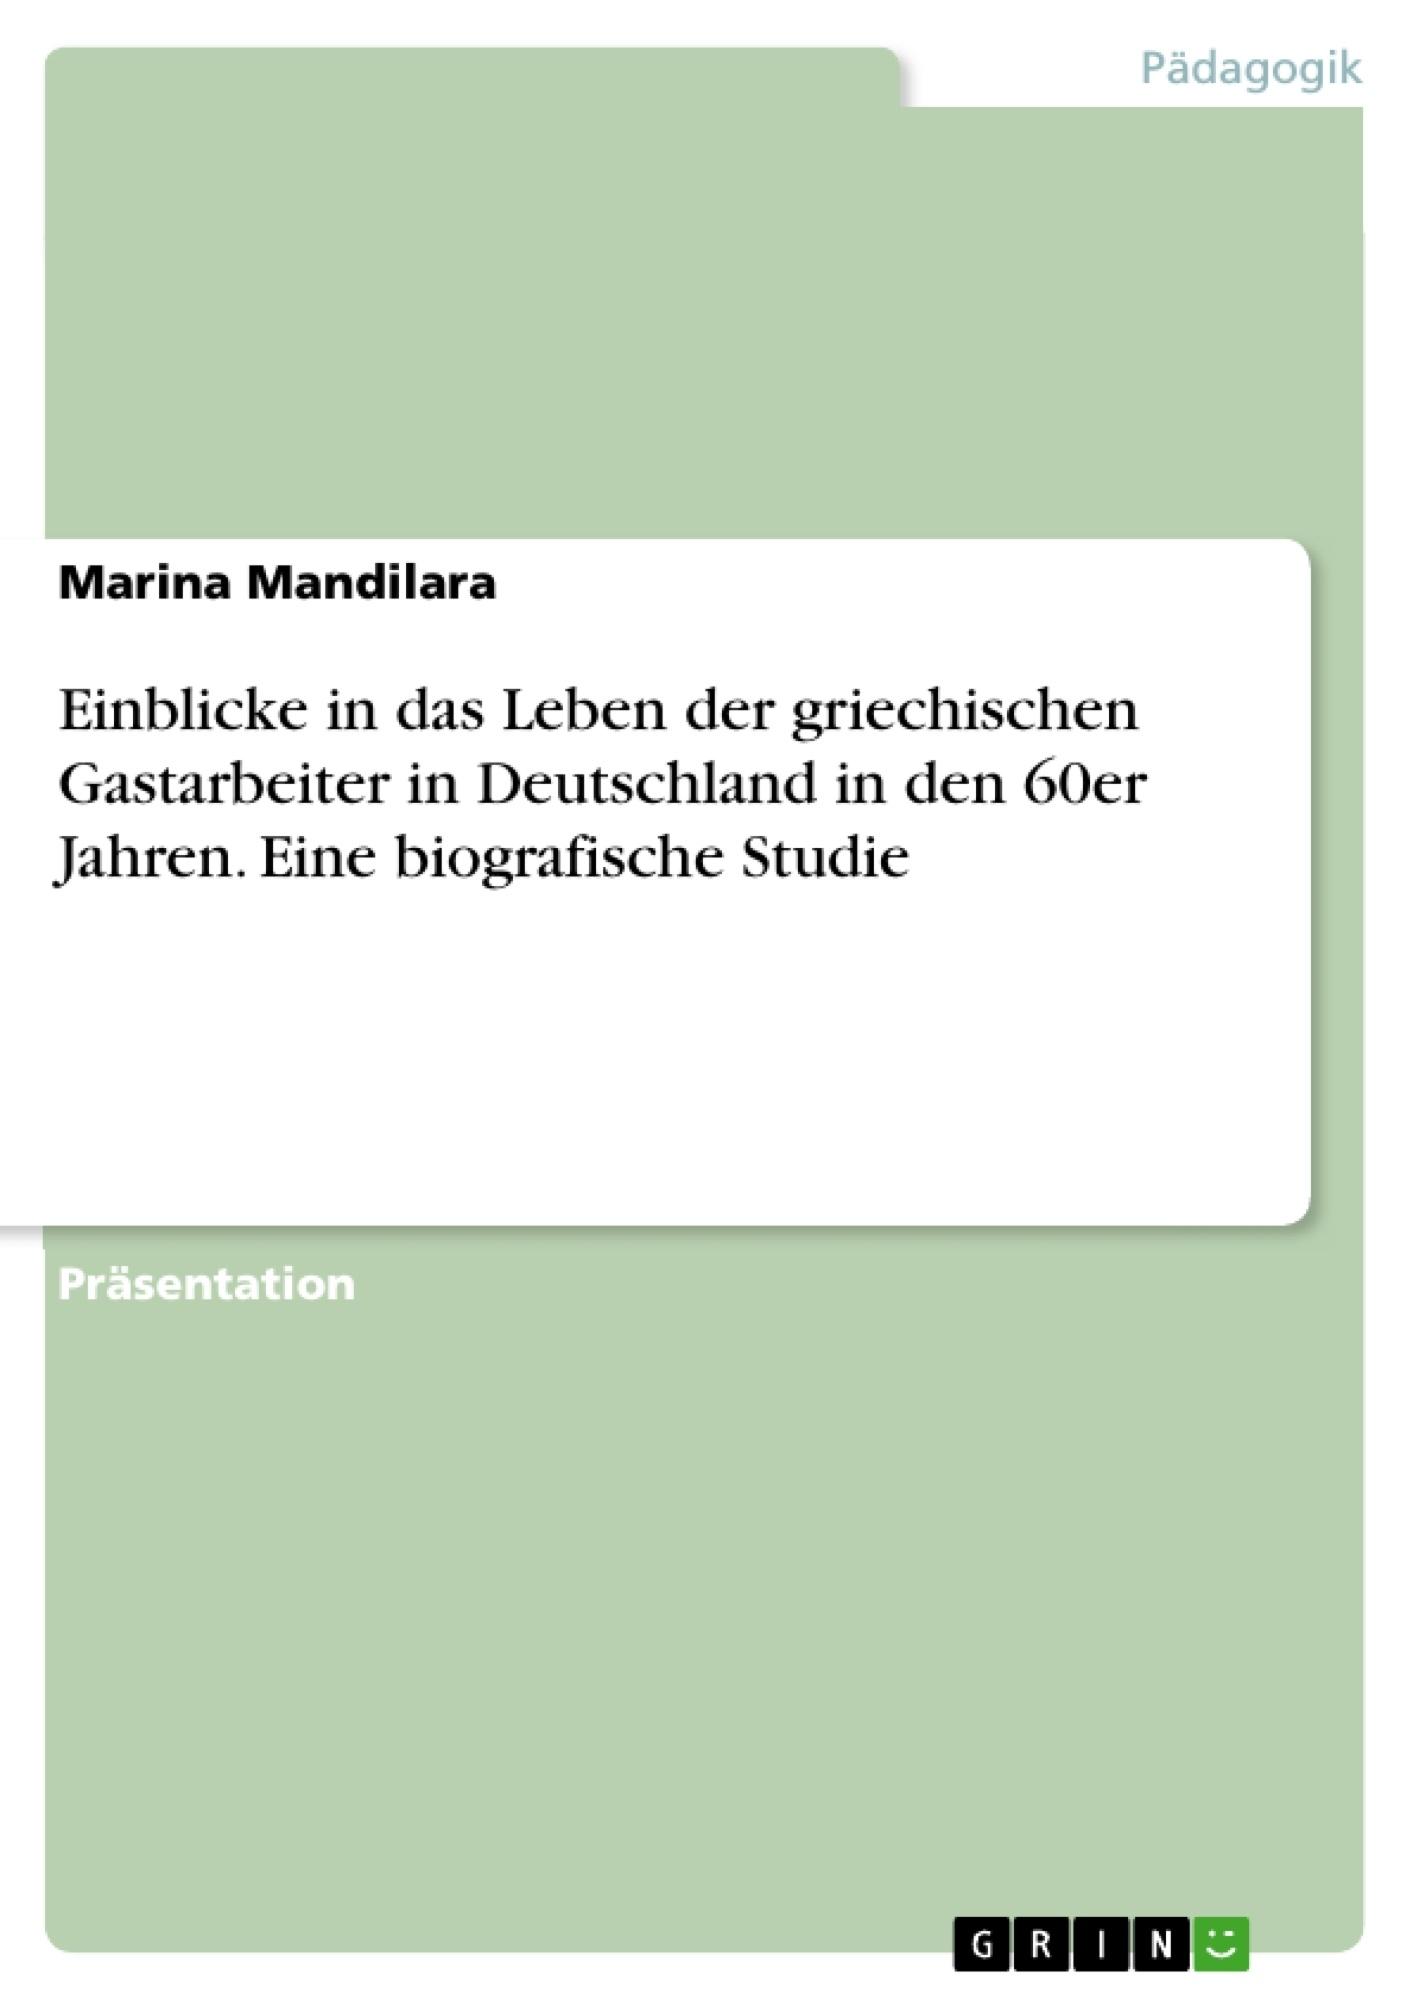 Titel: Einblicke in das Leben der griechischen Gastarbeiter in Deutschland in den 60er Jahren. Eine biografische Studie